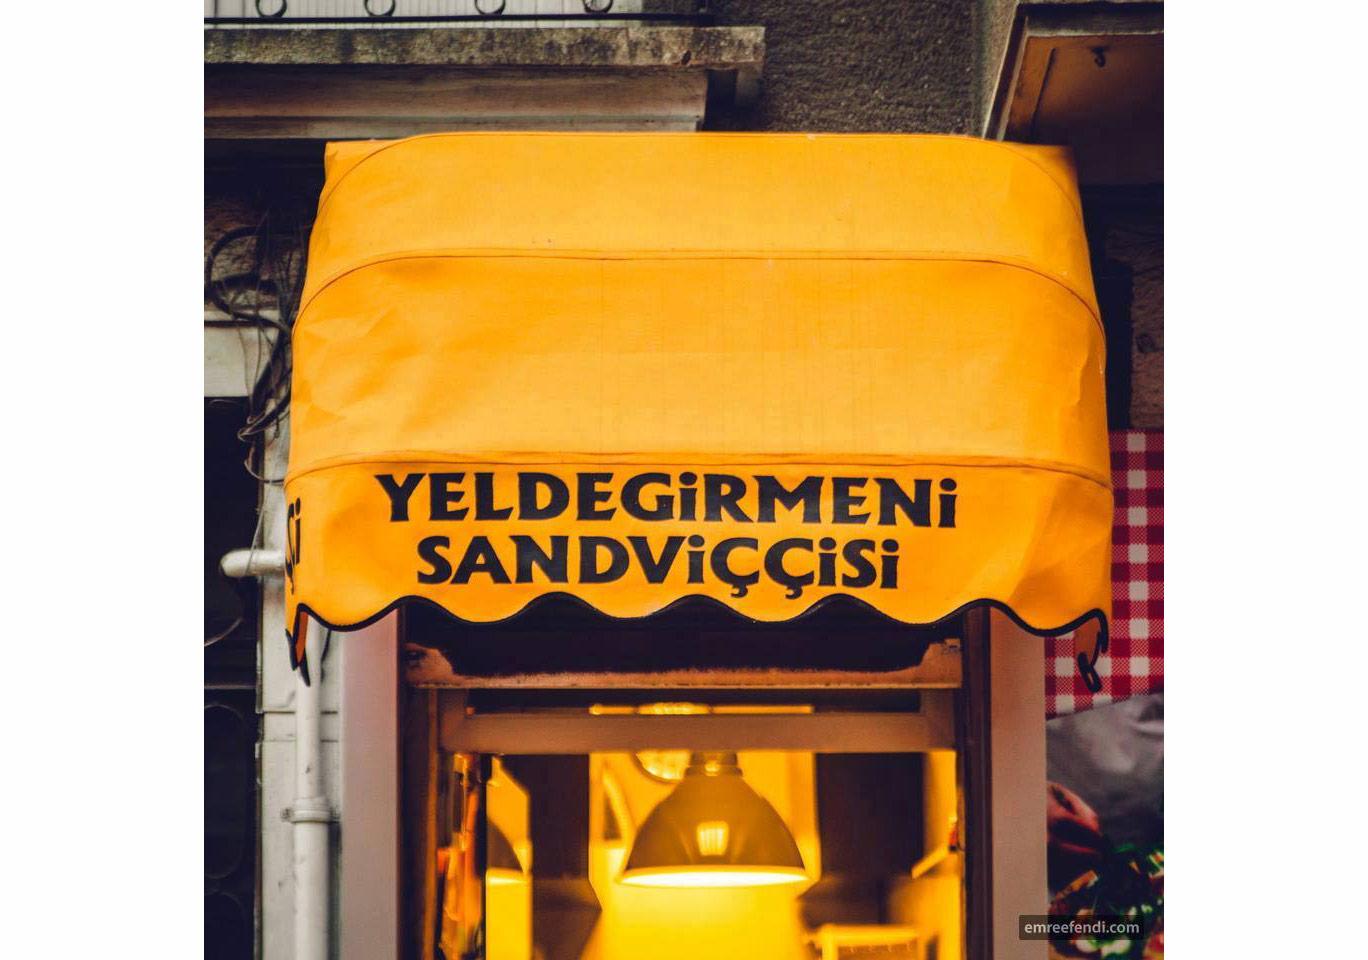 Yeldeğirmeni Sandviççisi